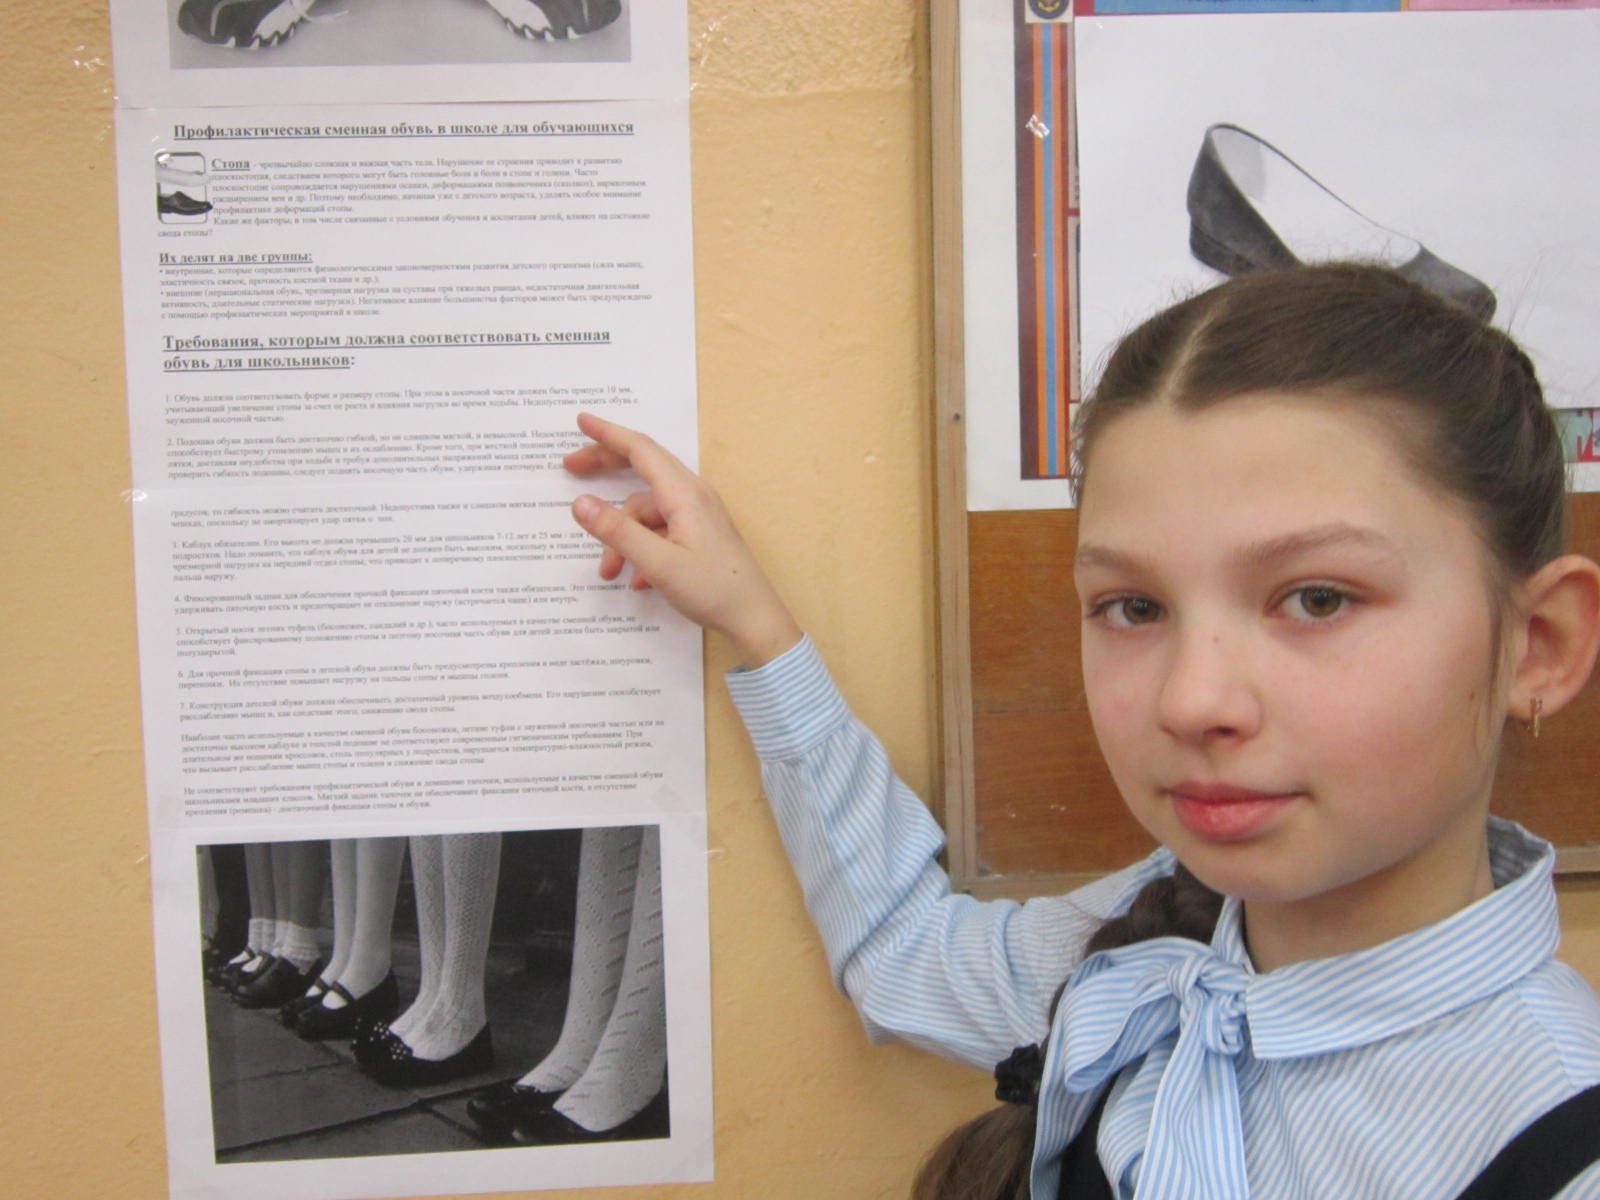 C:\Users\User\Desktop\Дети школы для проекта обувь\Изображение 020.jpg